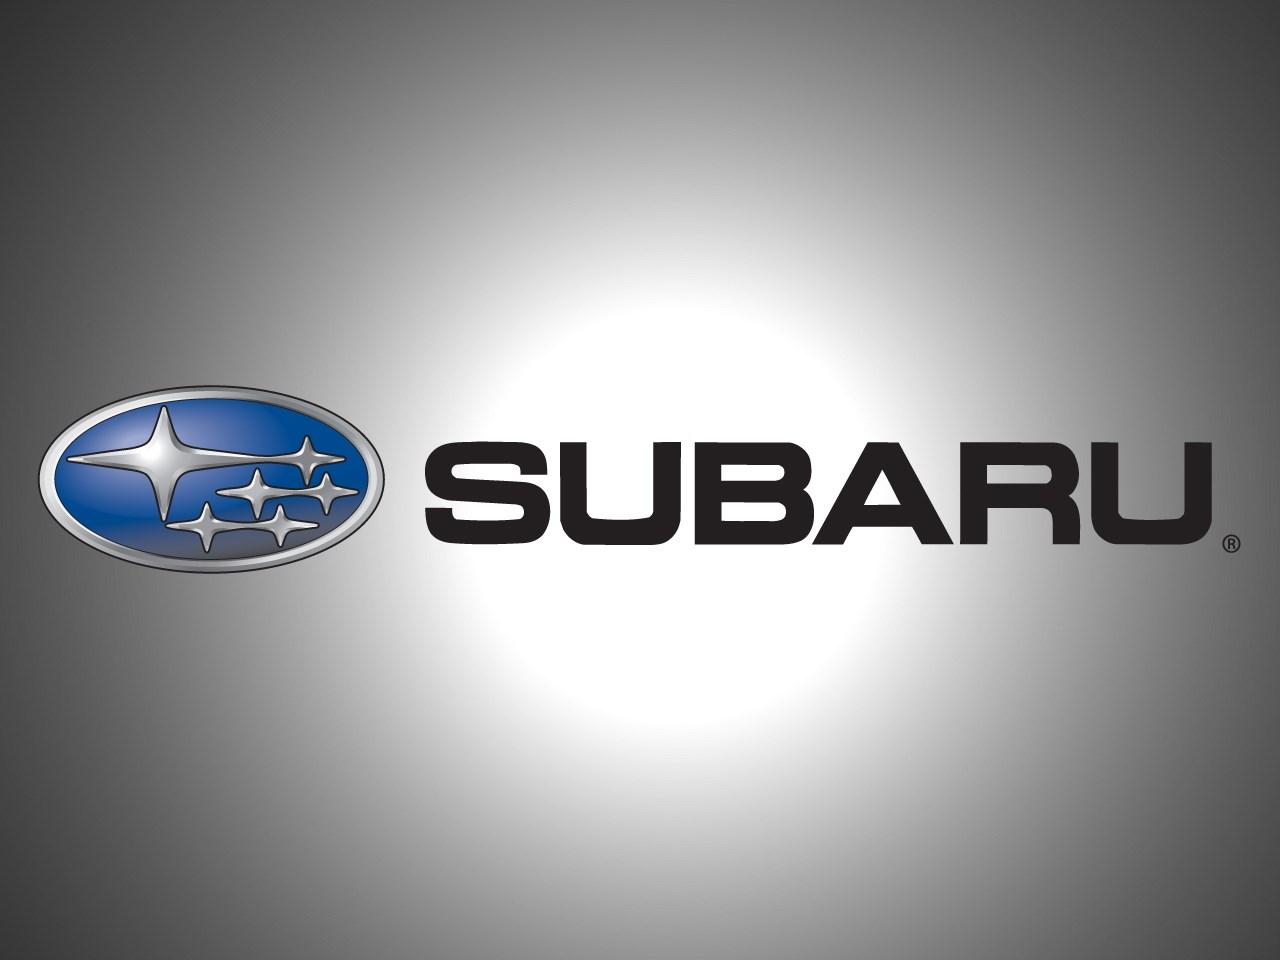 Subaru_408673